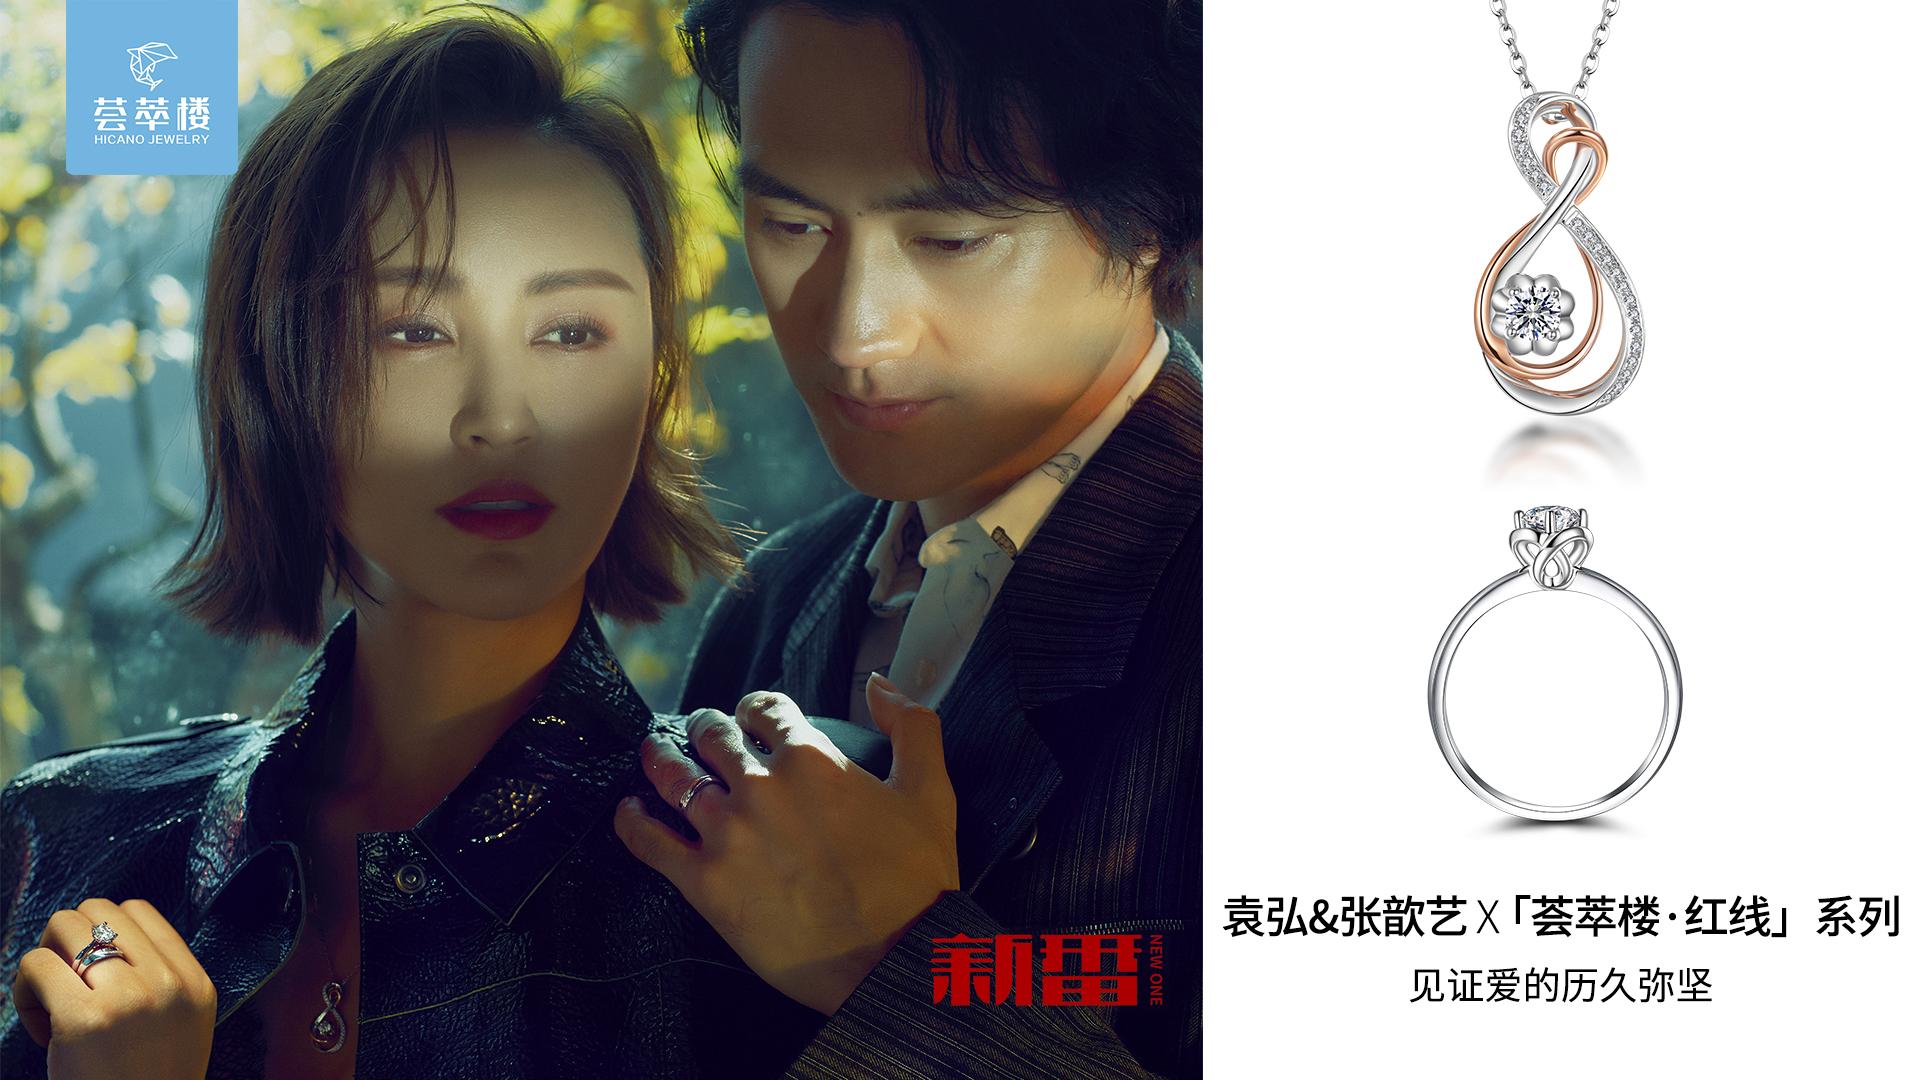 荟萃楼珠宝娱乐营销矩阵助力品牌时尚化